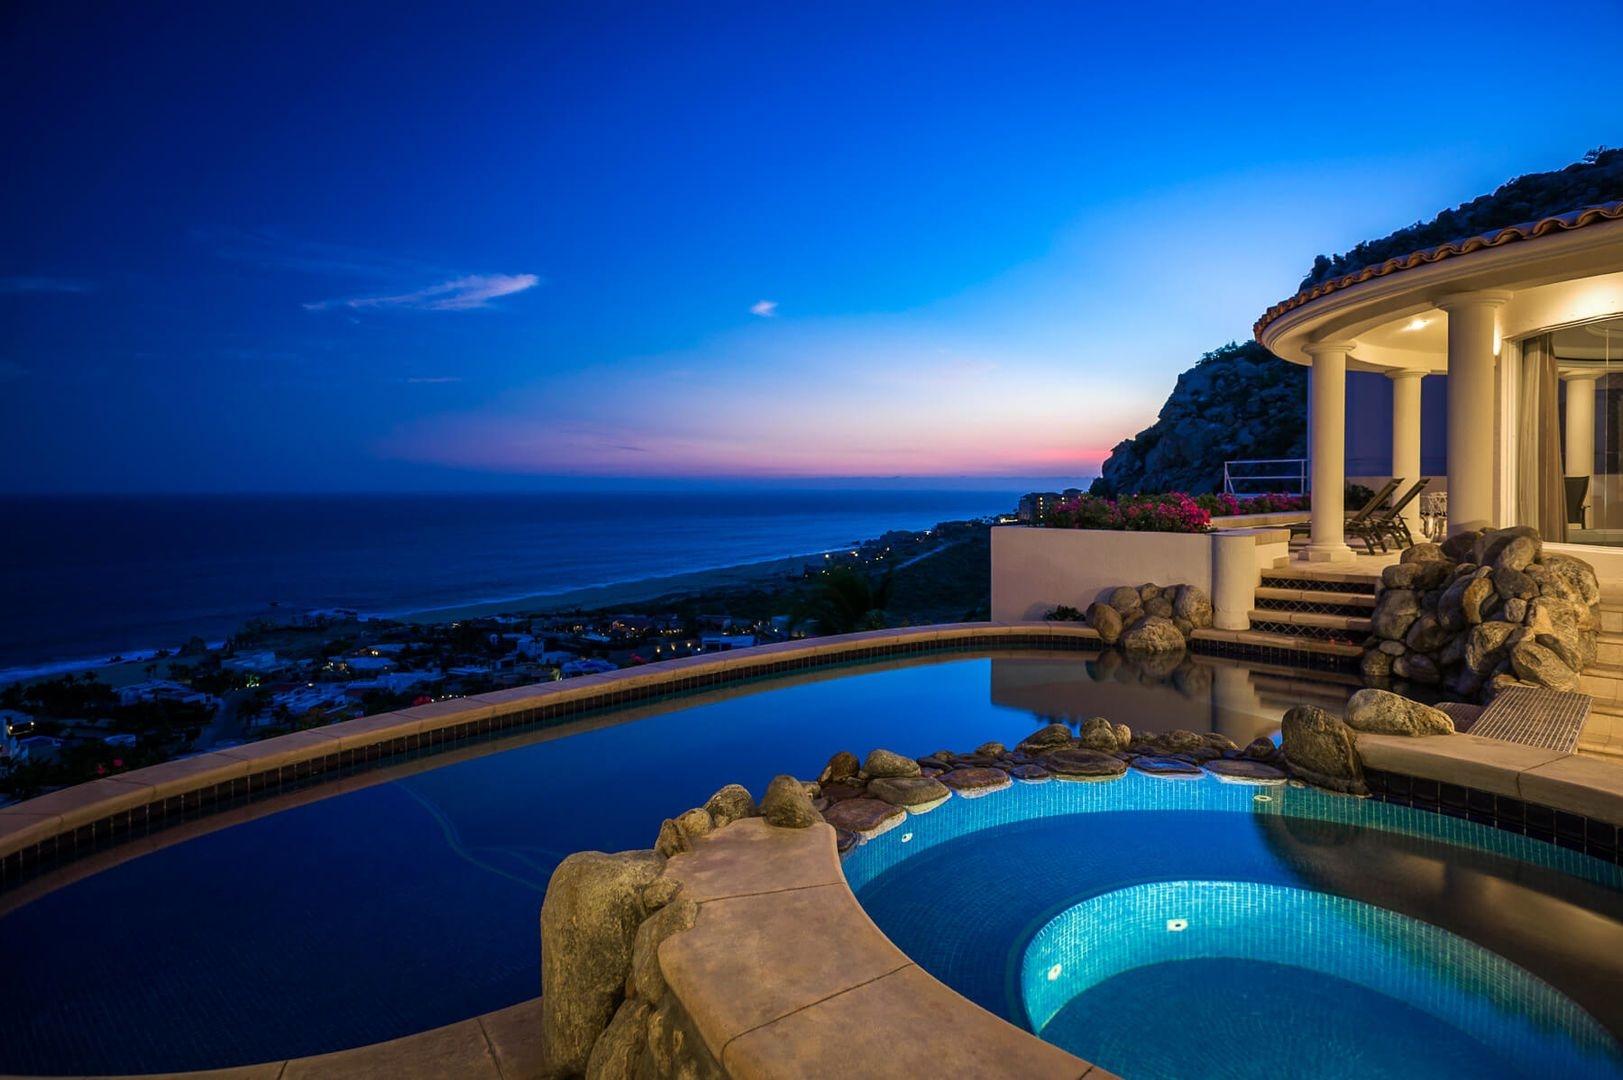 Luxury vacation rentals mexico - Los cabos - Cabo - Pedregal - Villa Thunderbird - Image 1/25